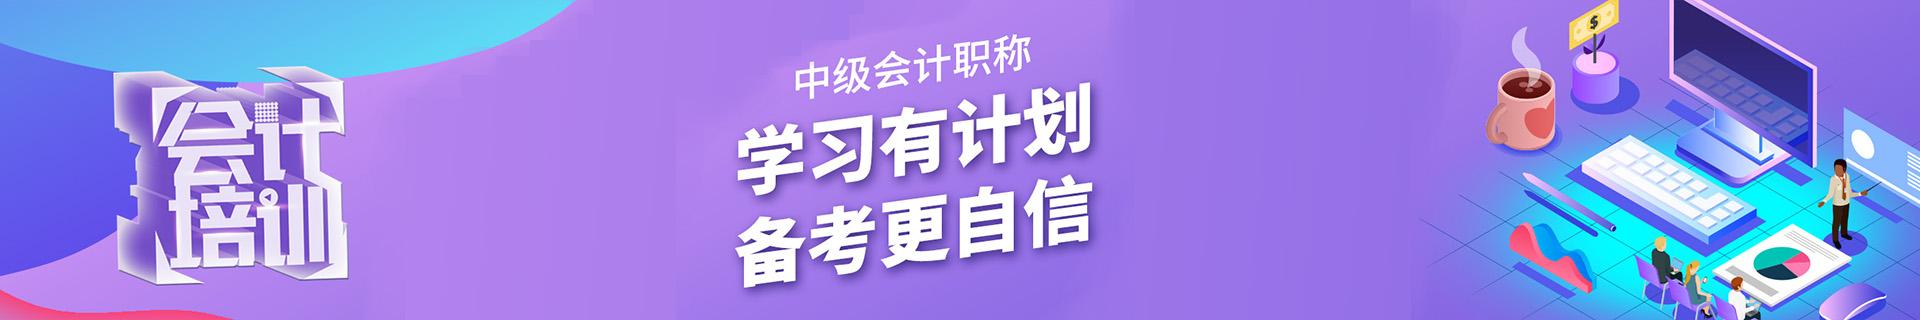 南通港闸仁和会计培训机构